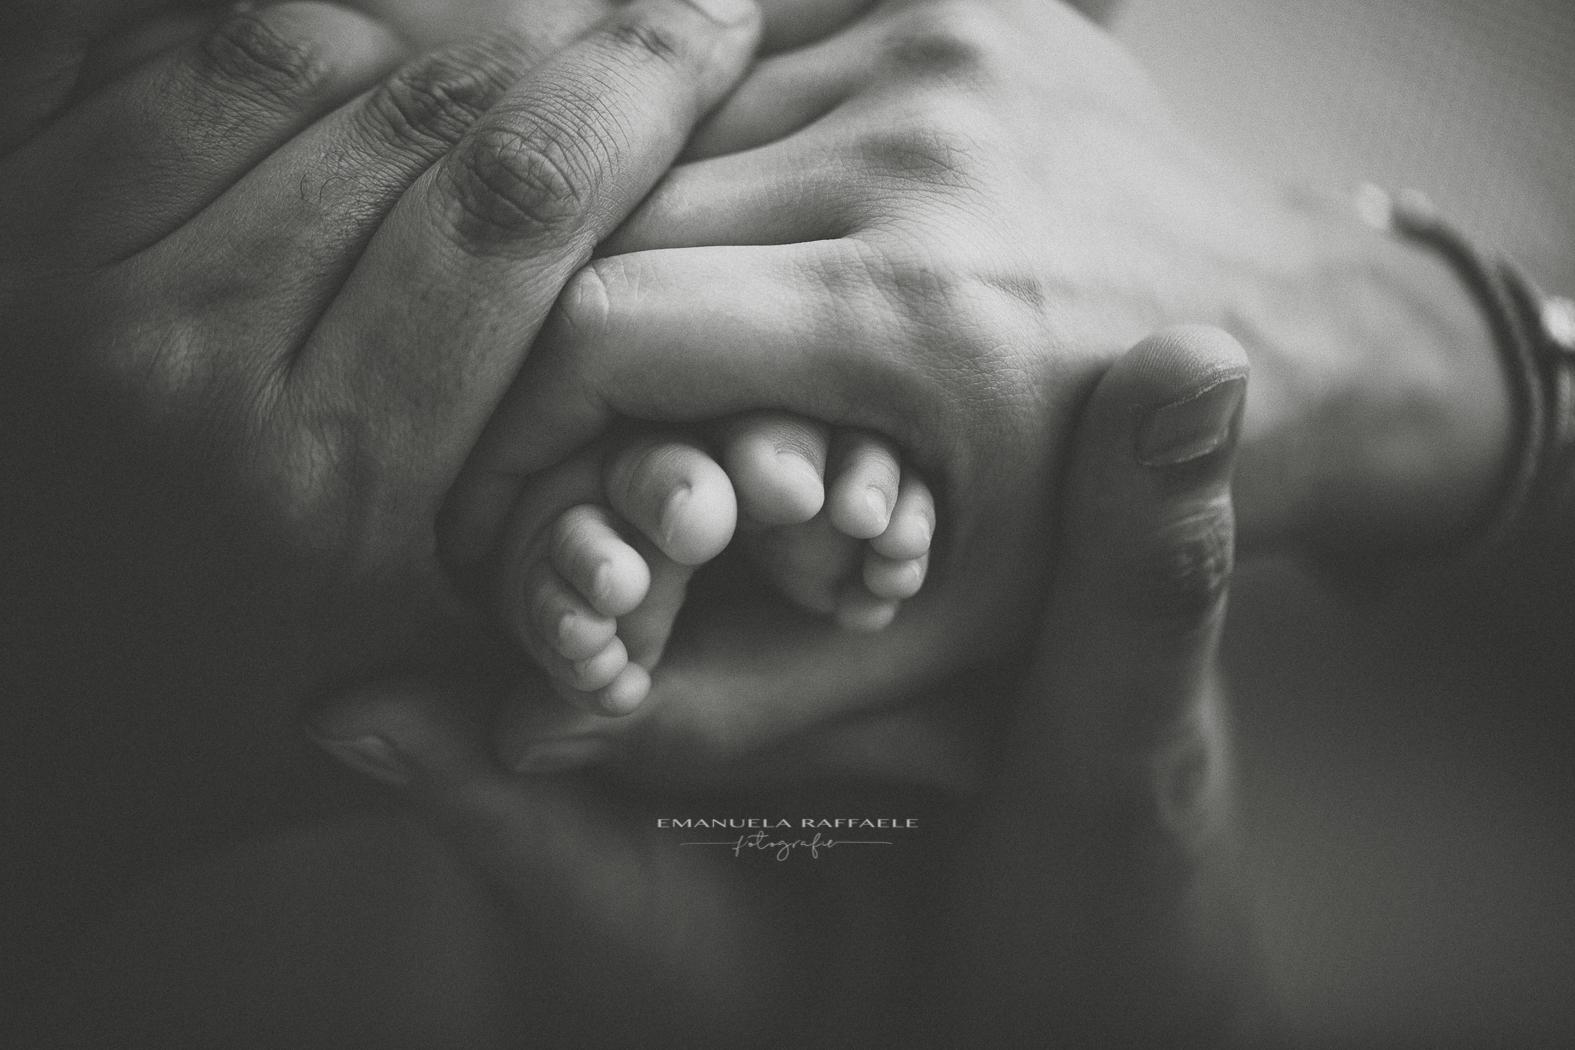 Emanuela Raffaele Addafoto fotografo gra